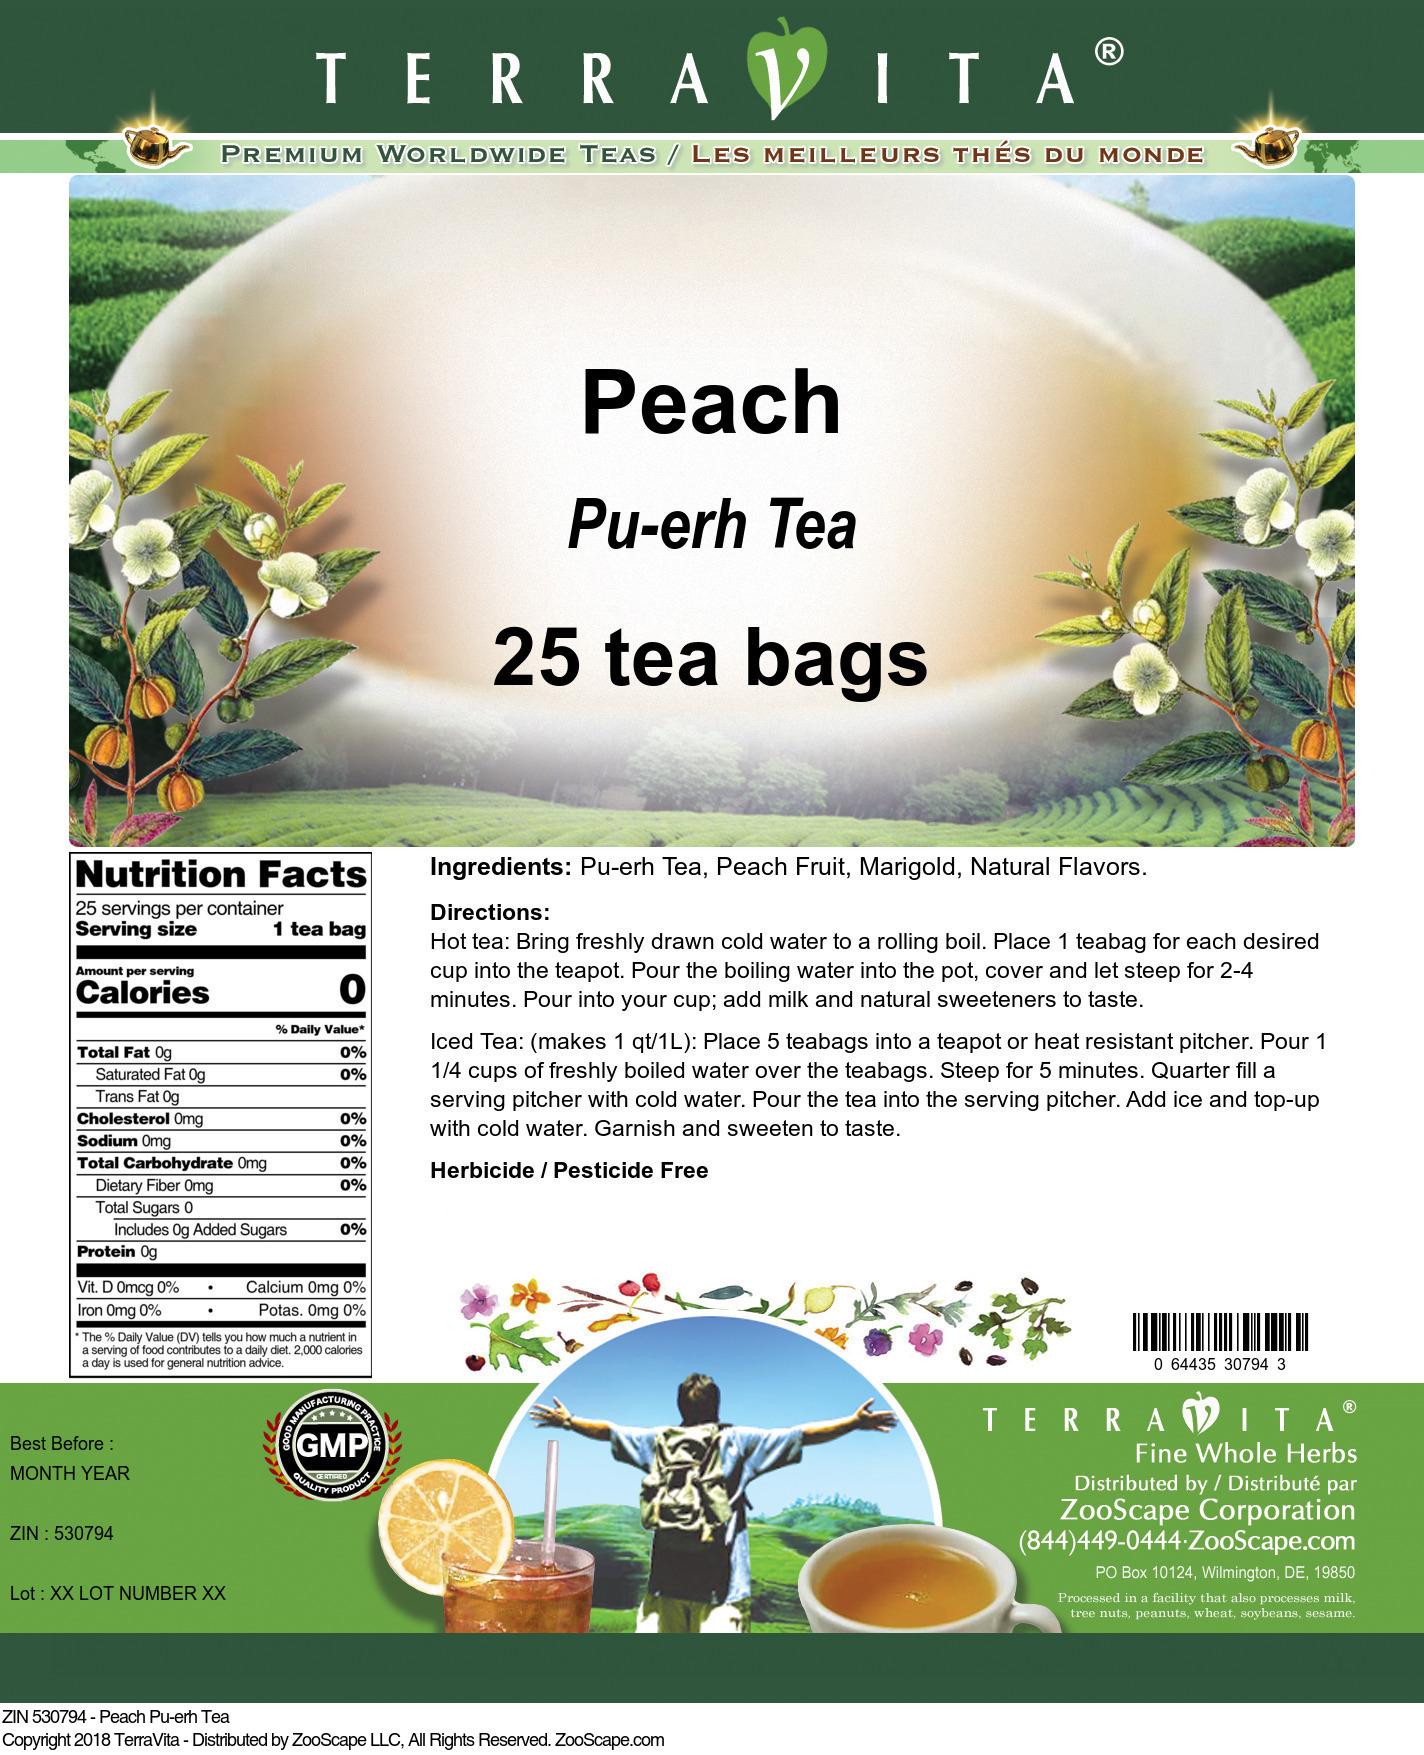 Peach Pu-erh Tea